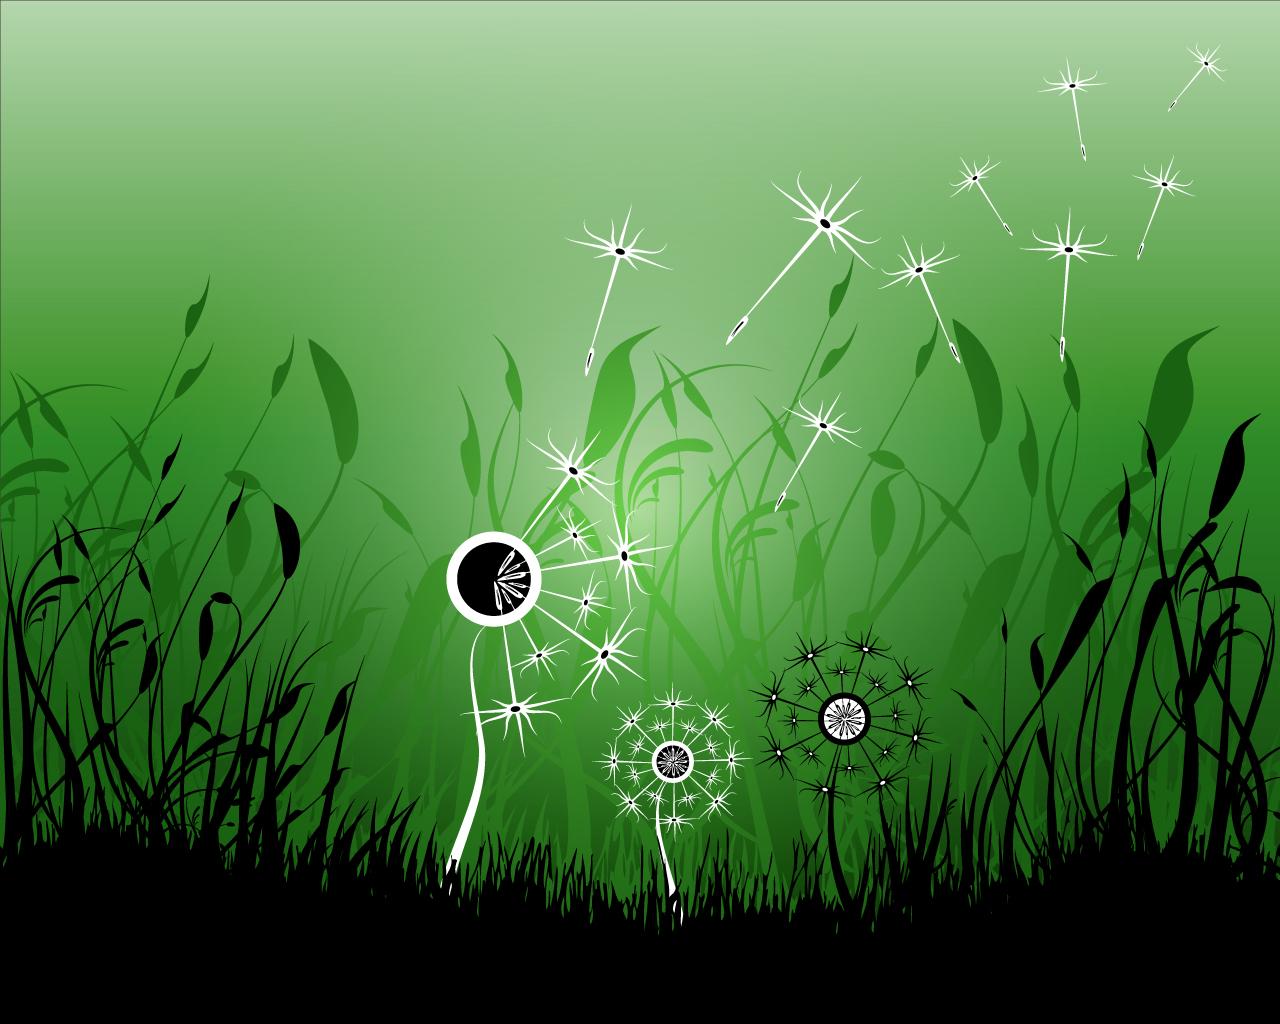 Dandelion Wish by dedpan